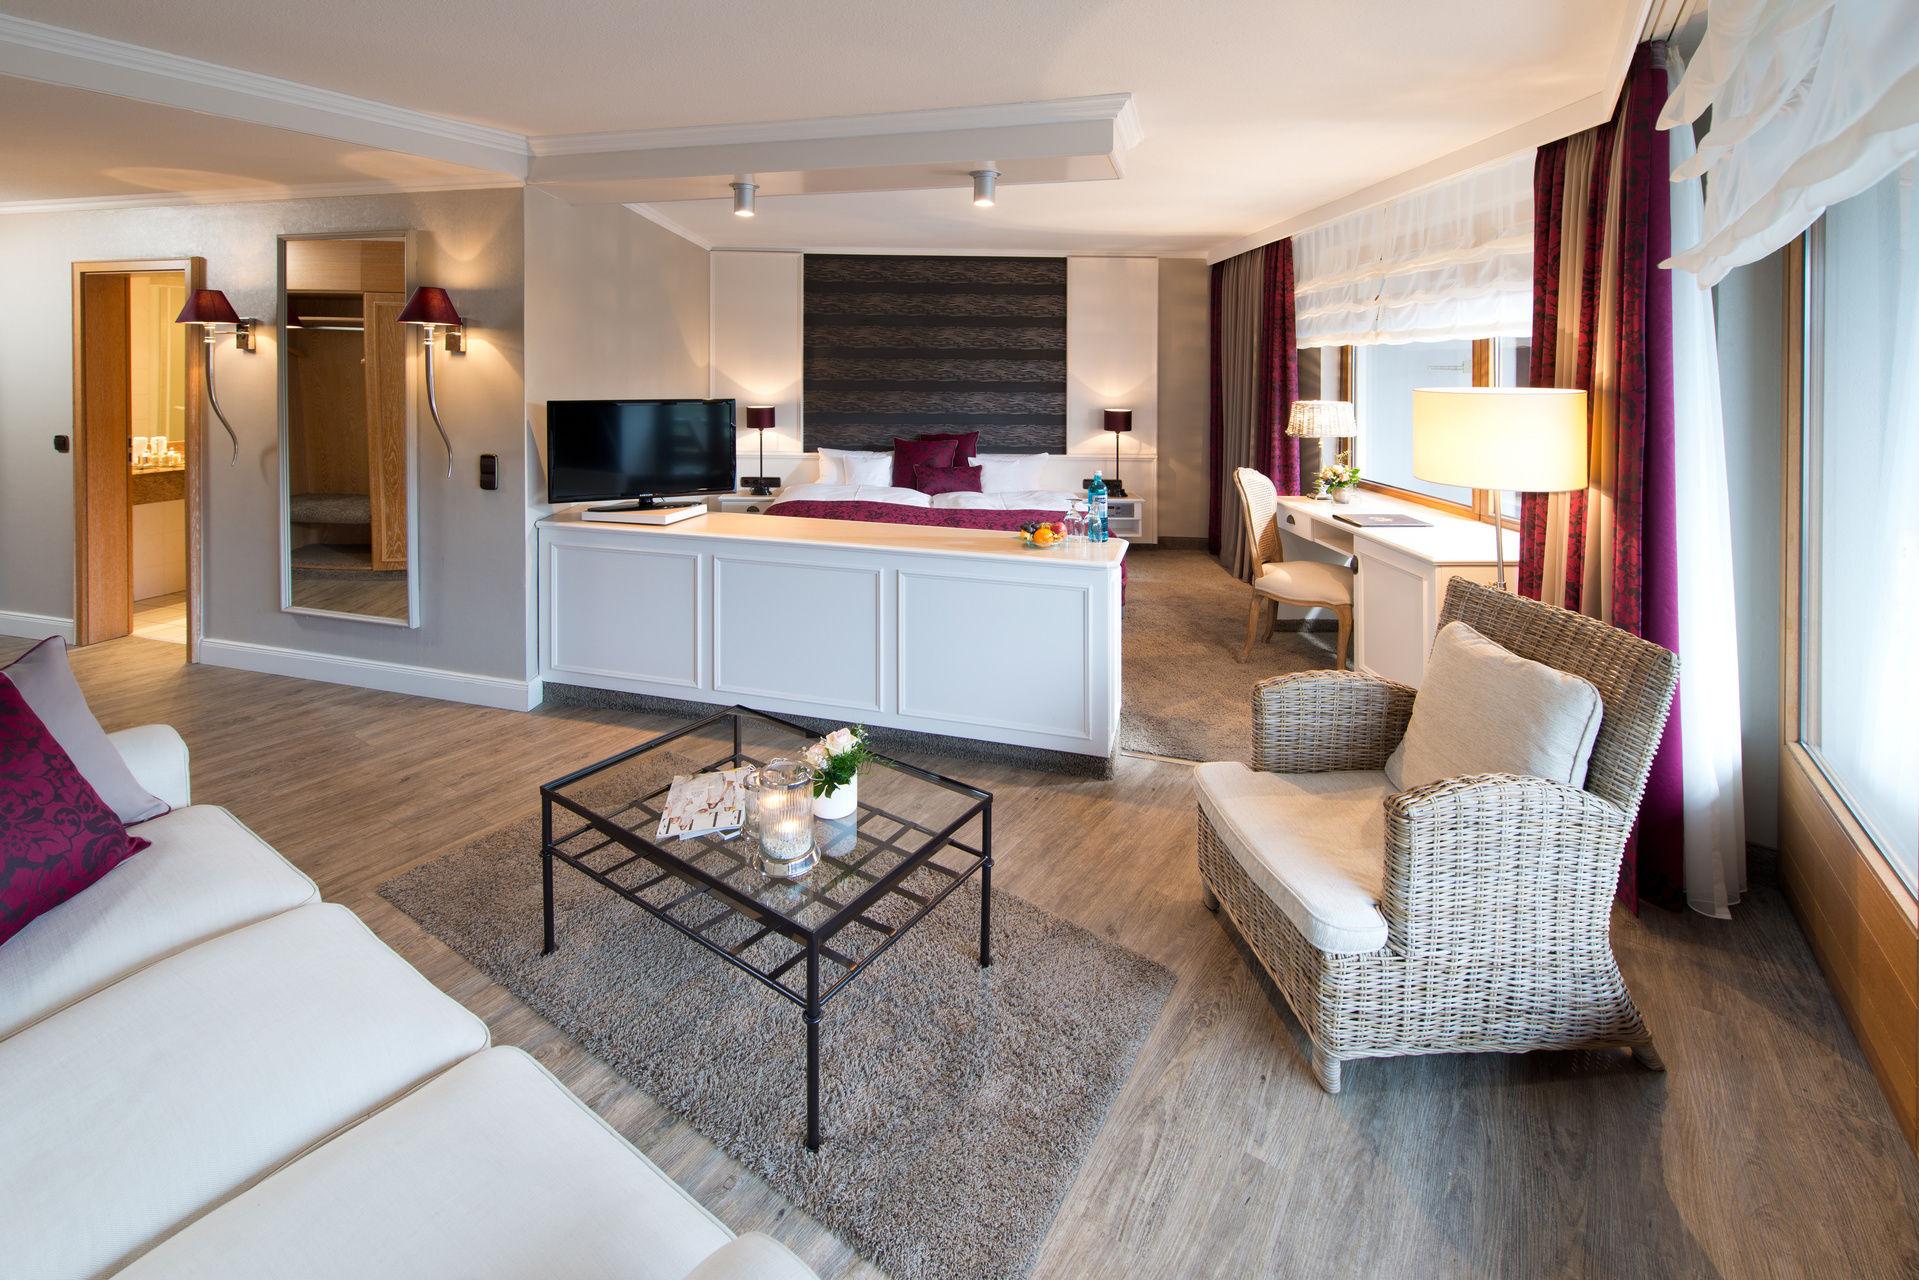 Hotel romantischer winkel im harz spa wellness resort for Hotel mit schwimmbad harz